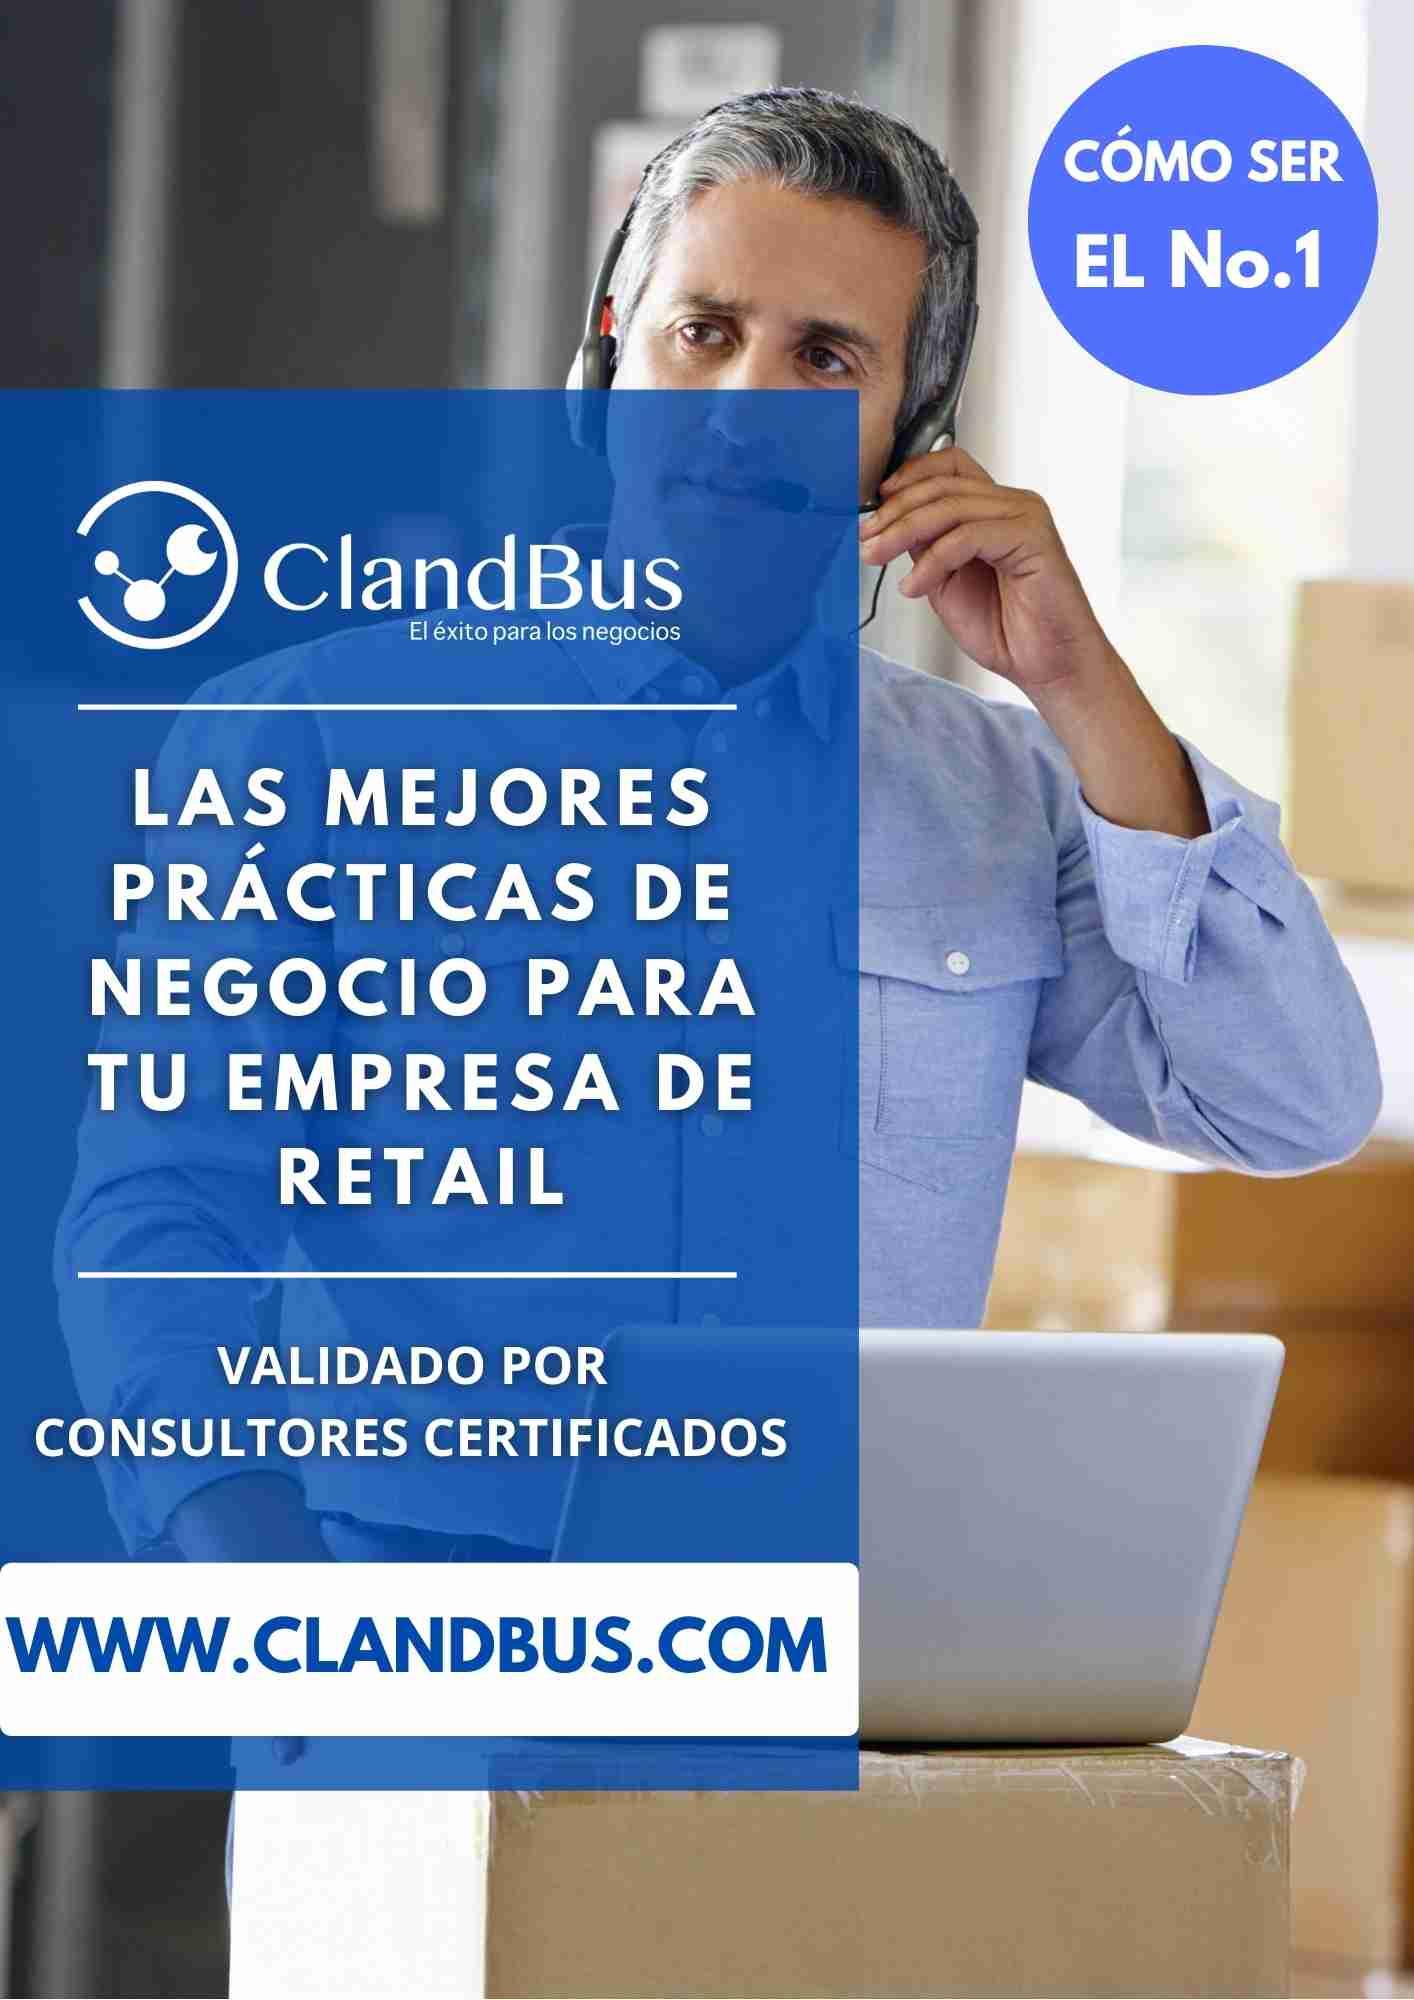 Retail- Implemente las mejores prácticas empresariales con la herramienta de Acumatica ERP Y Consultores Certificados ClandBus y aumente la productividad en su empresa de Retail